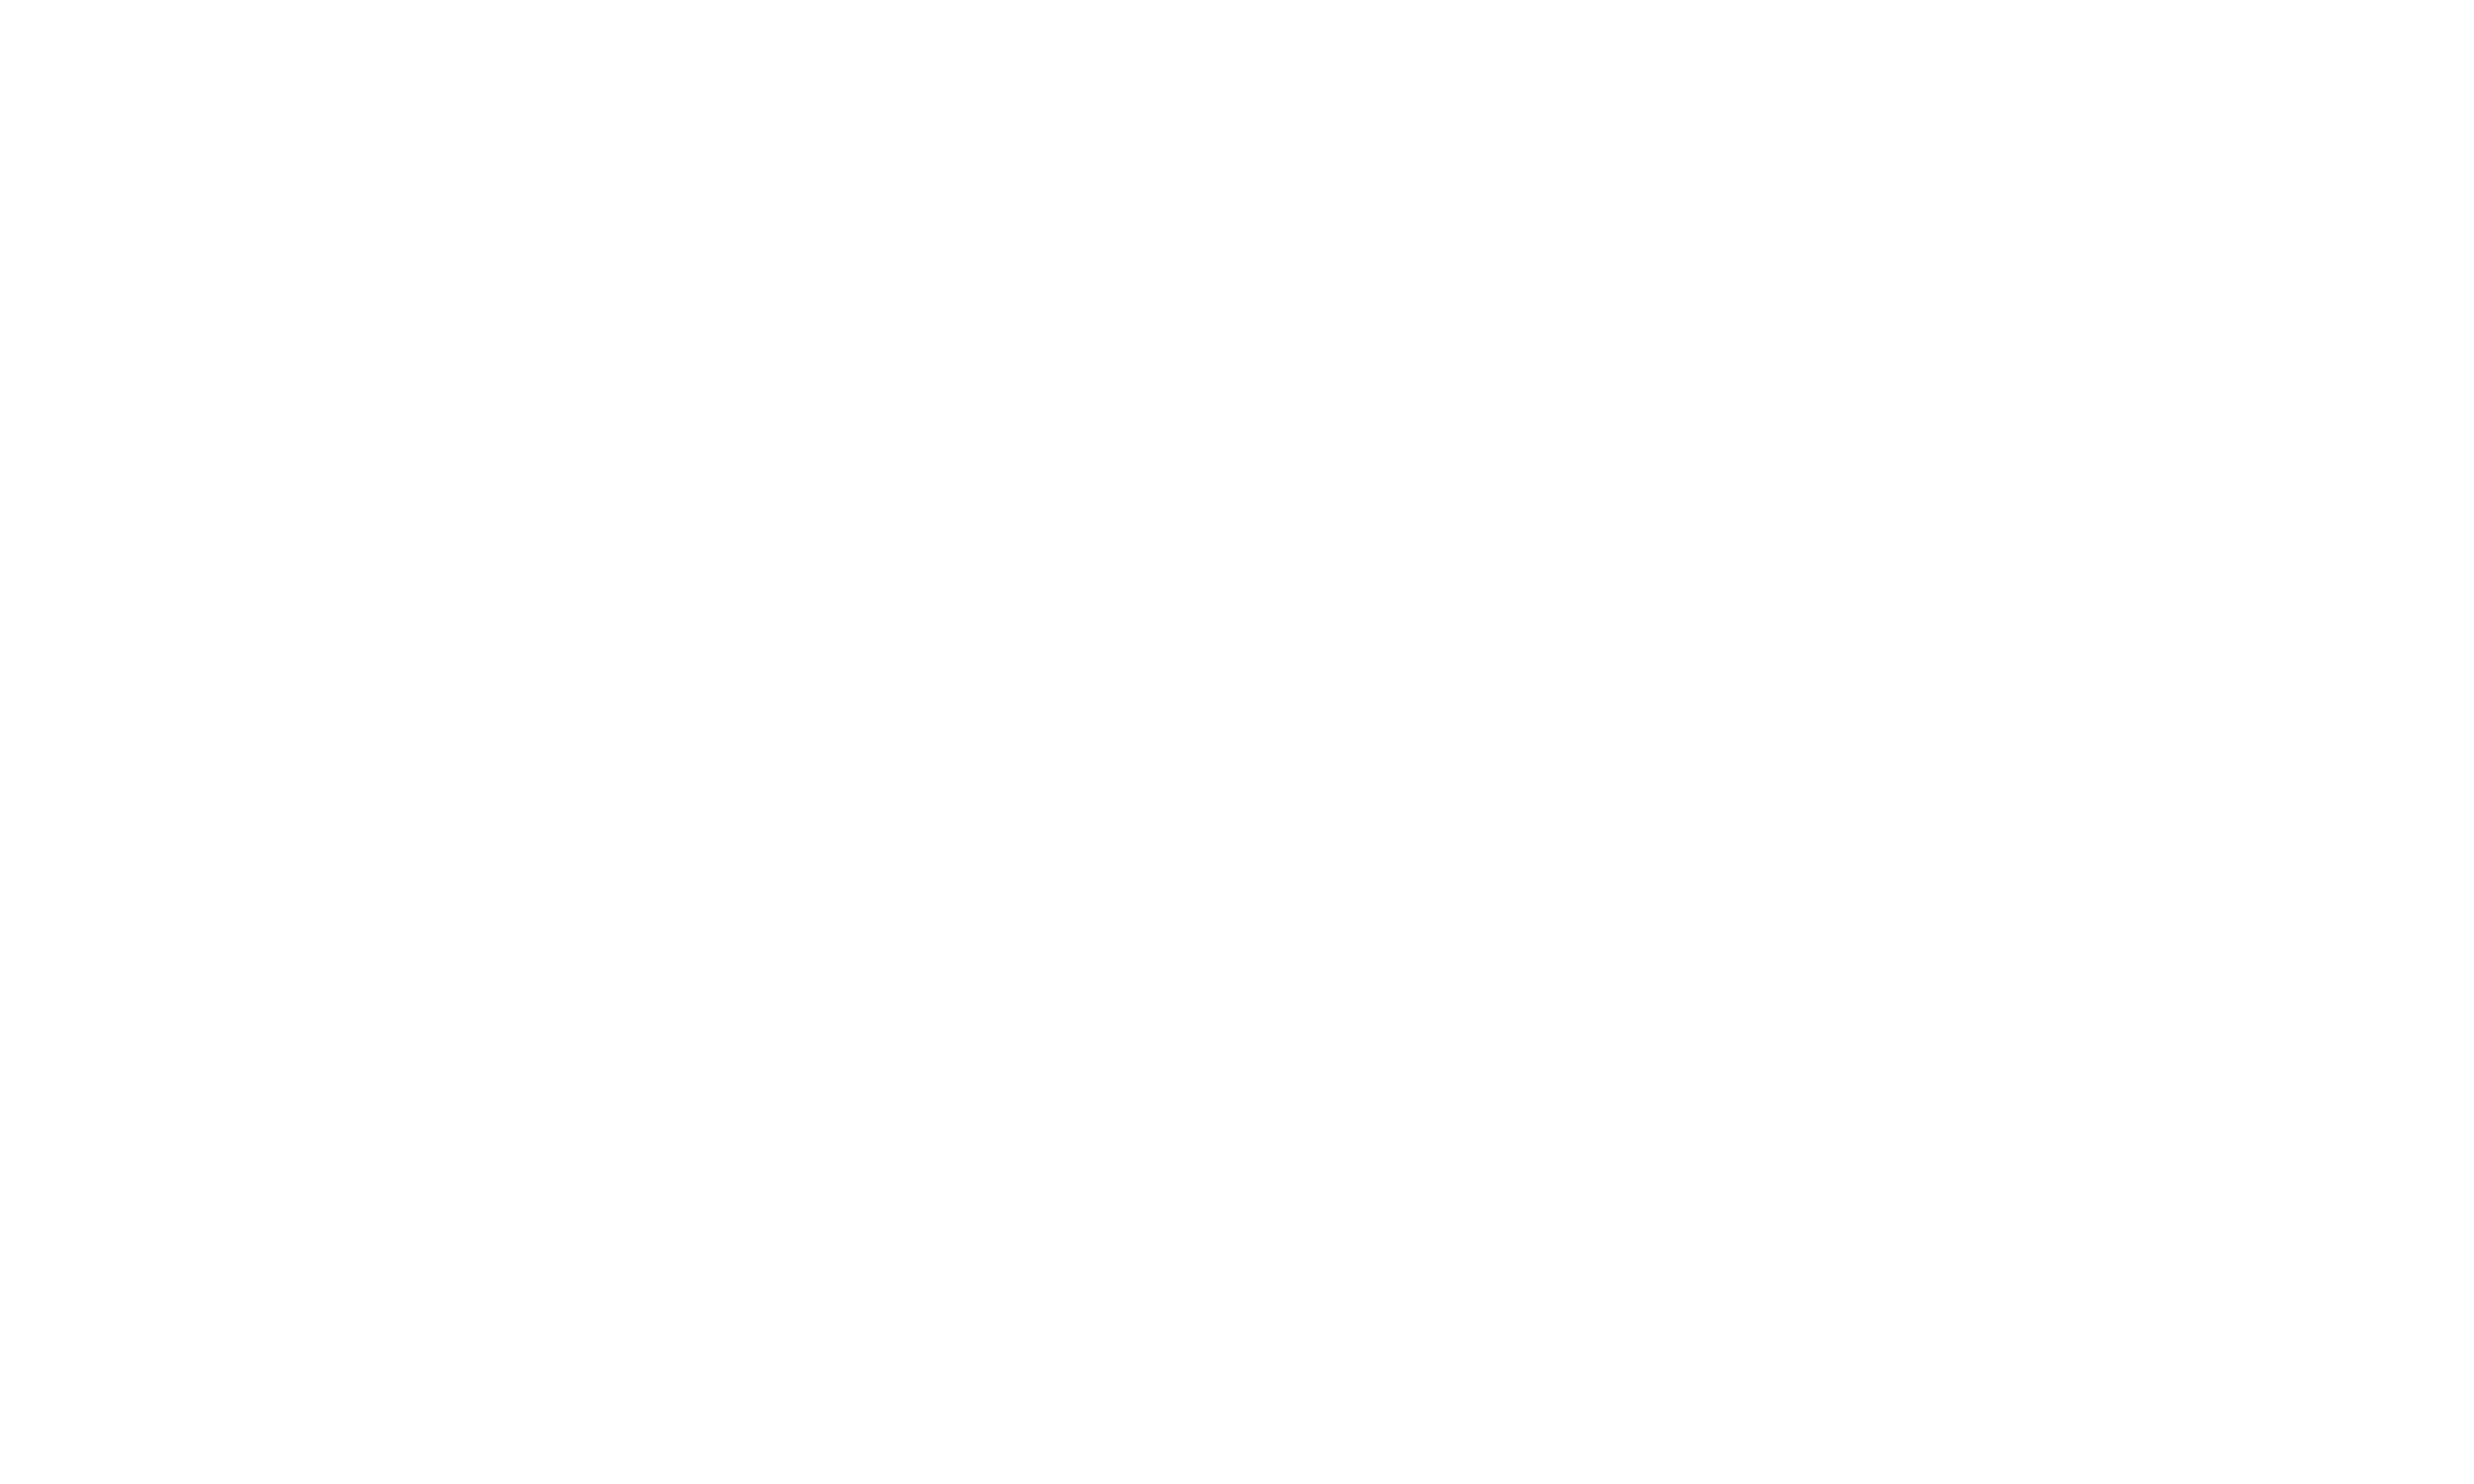 imonline